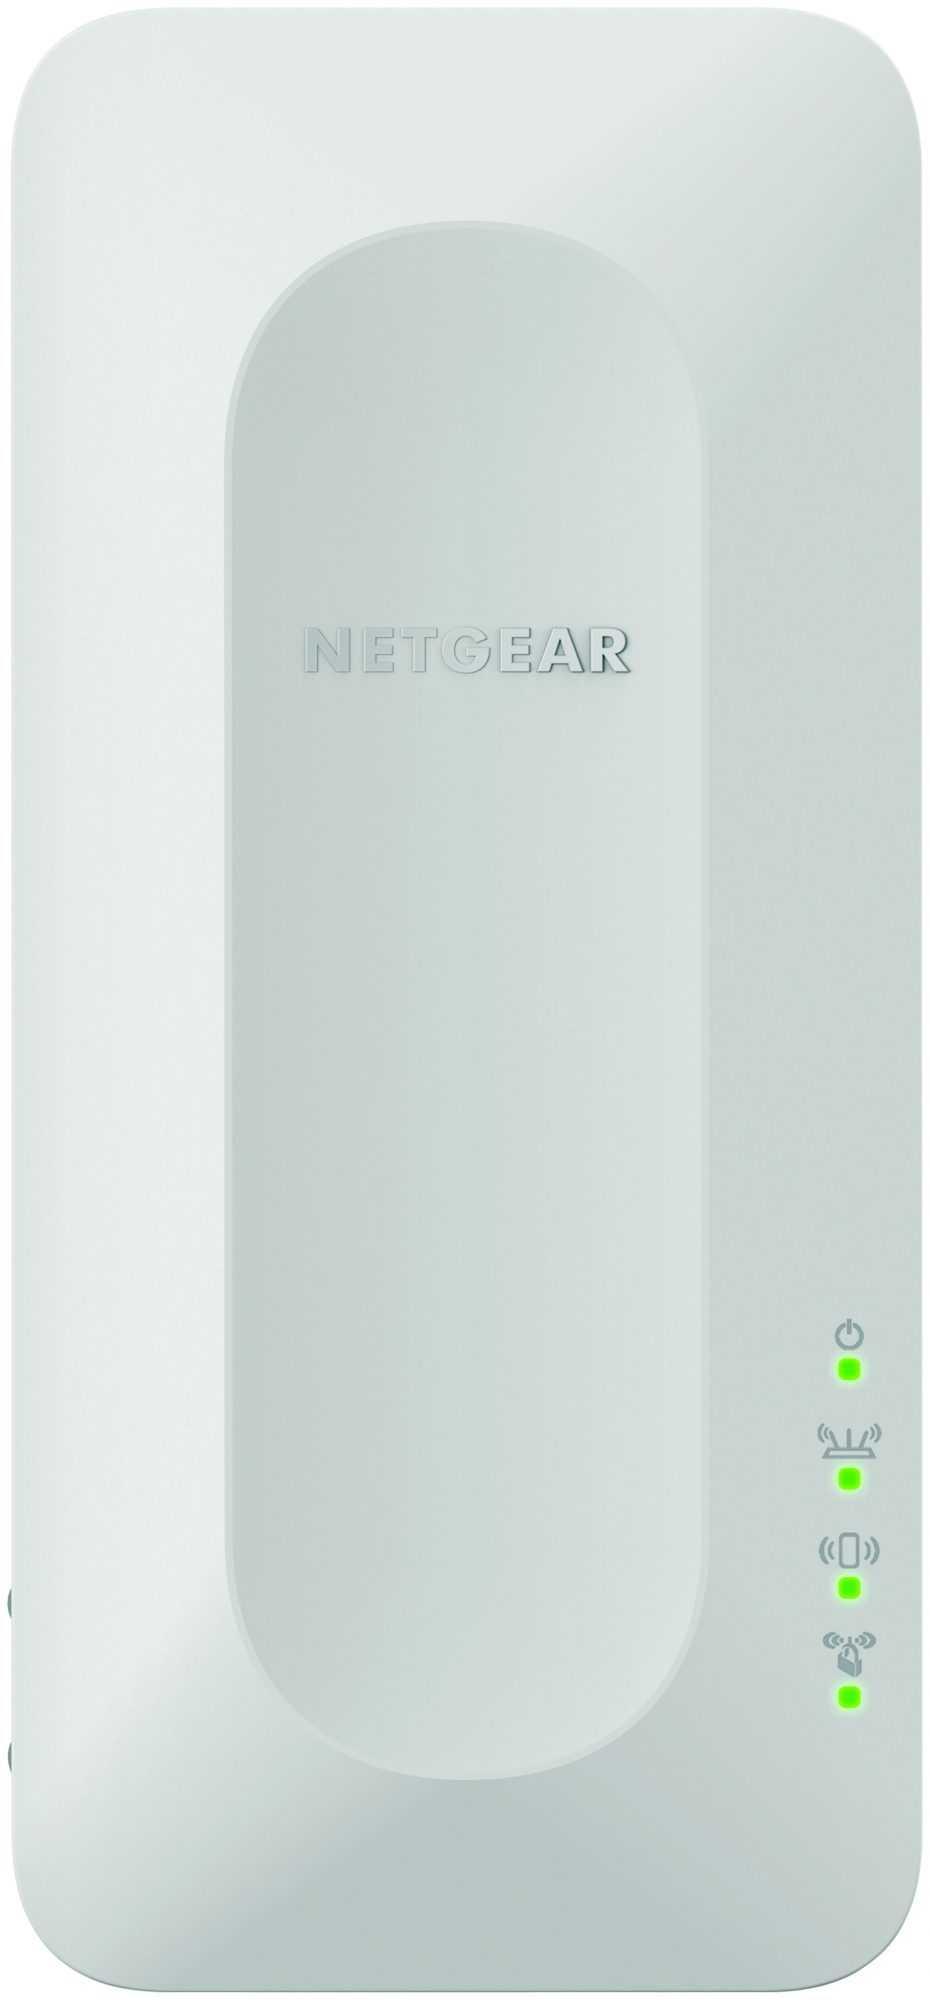 NETGEAR: presentato il nuovo ripetitore mesh WiFi 6 EAX12